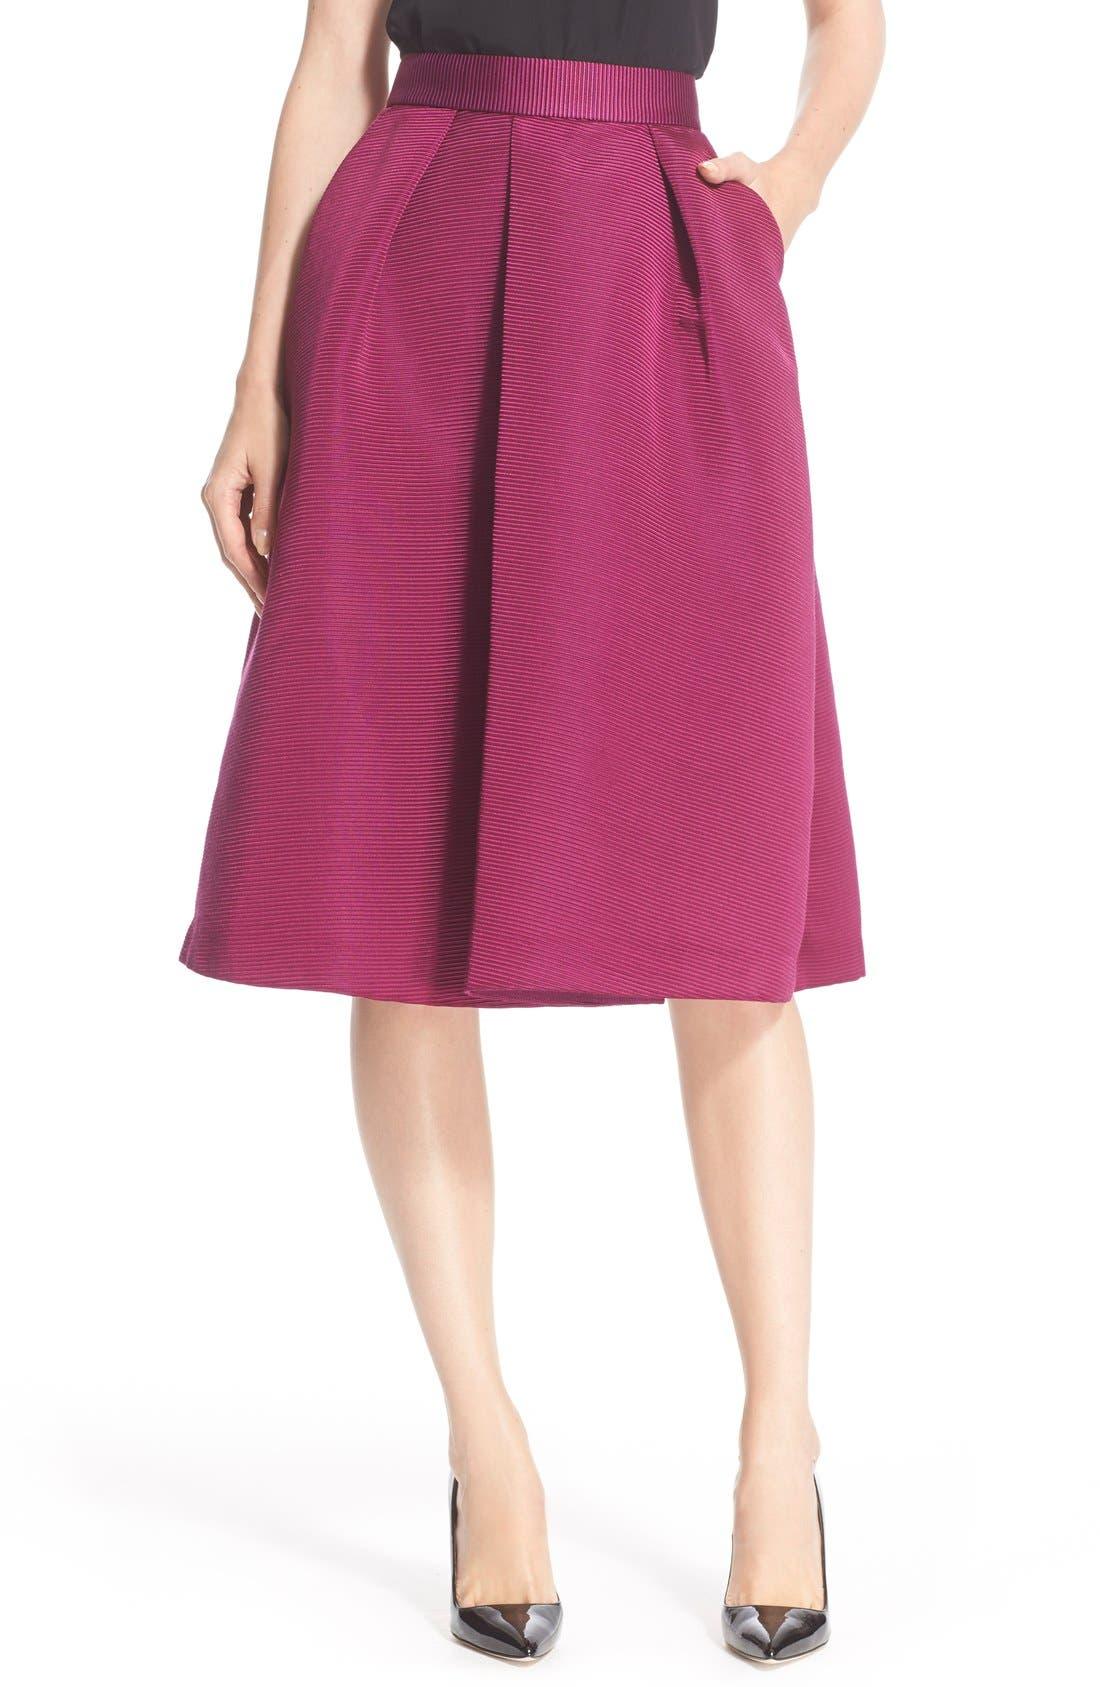 Alternate Image 1 Selected - Ted Baker London High Waist Full Midi Skirt